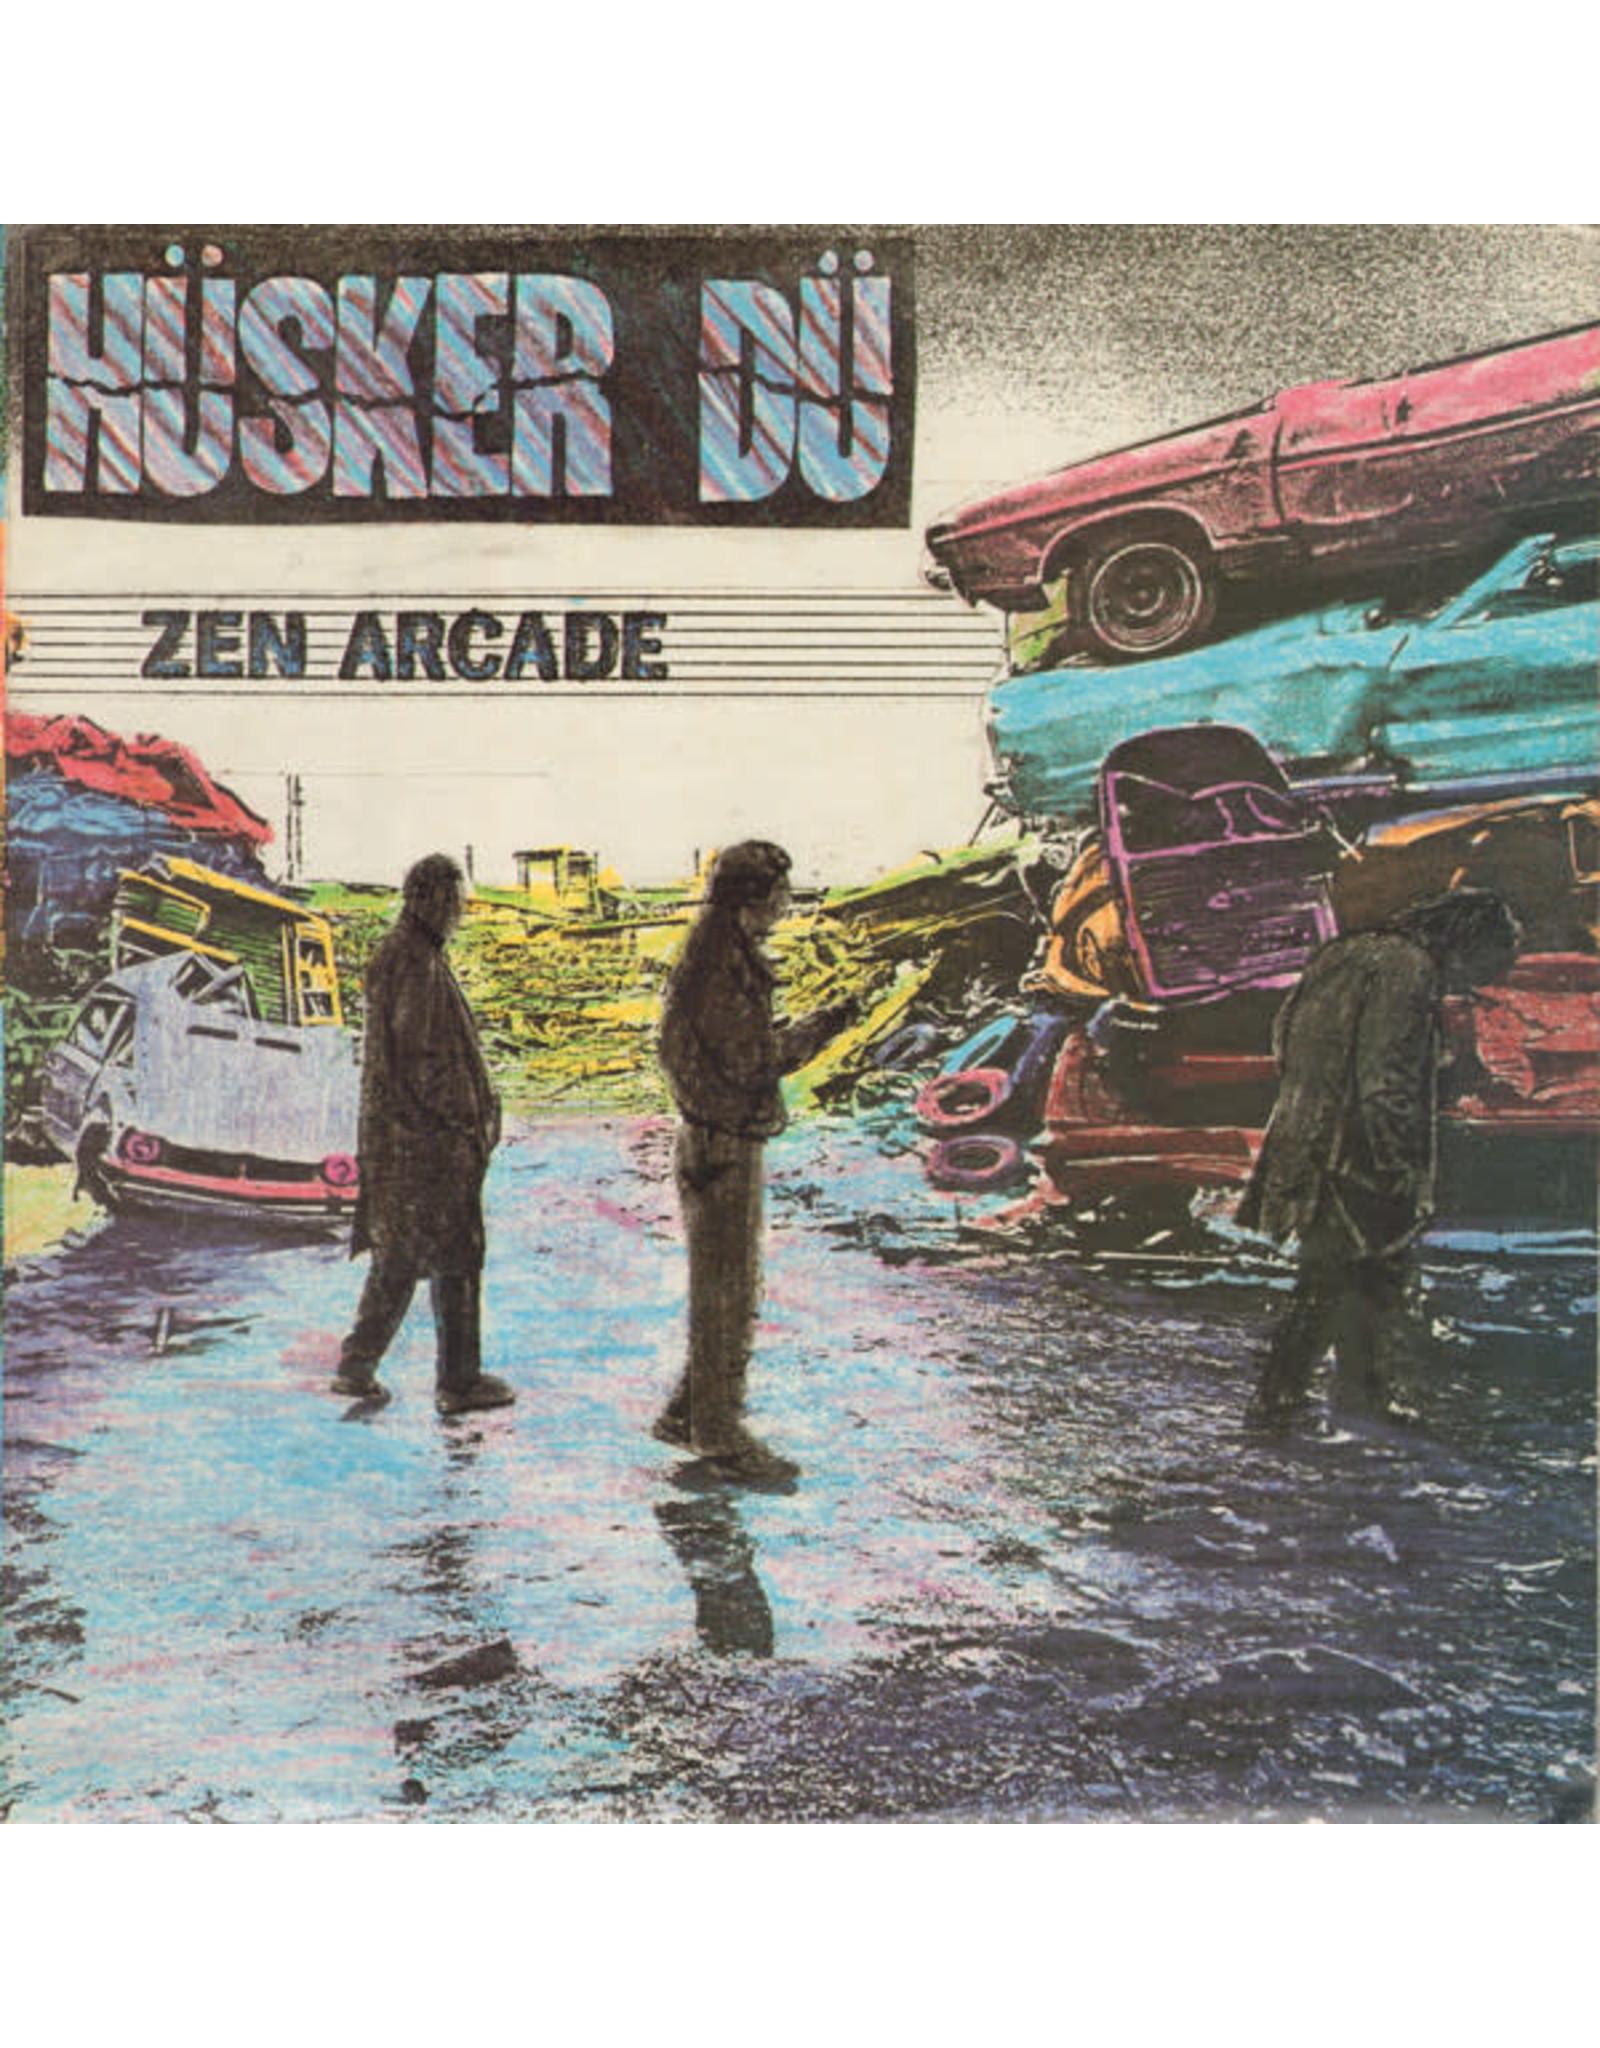 Husker Du - Zen Arcade 2LP